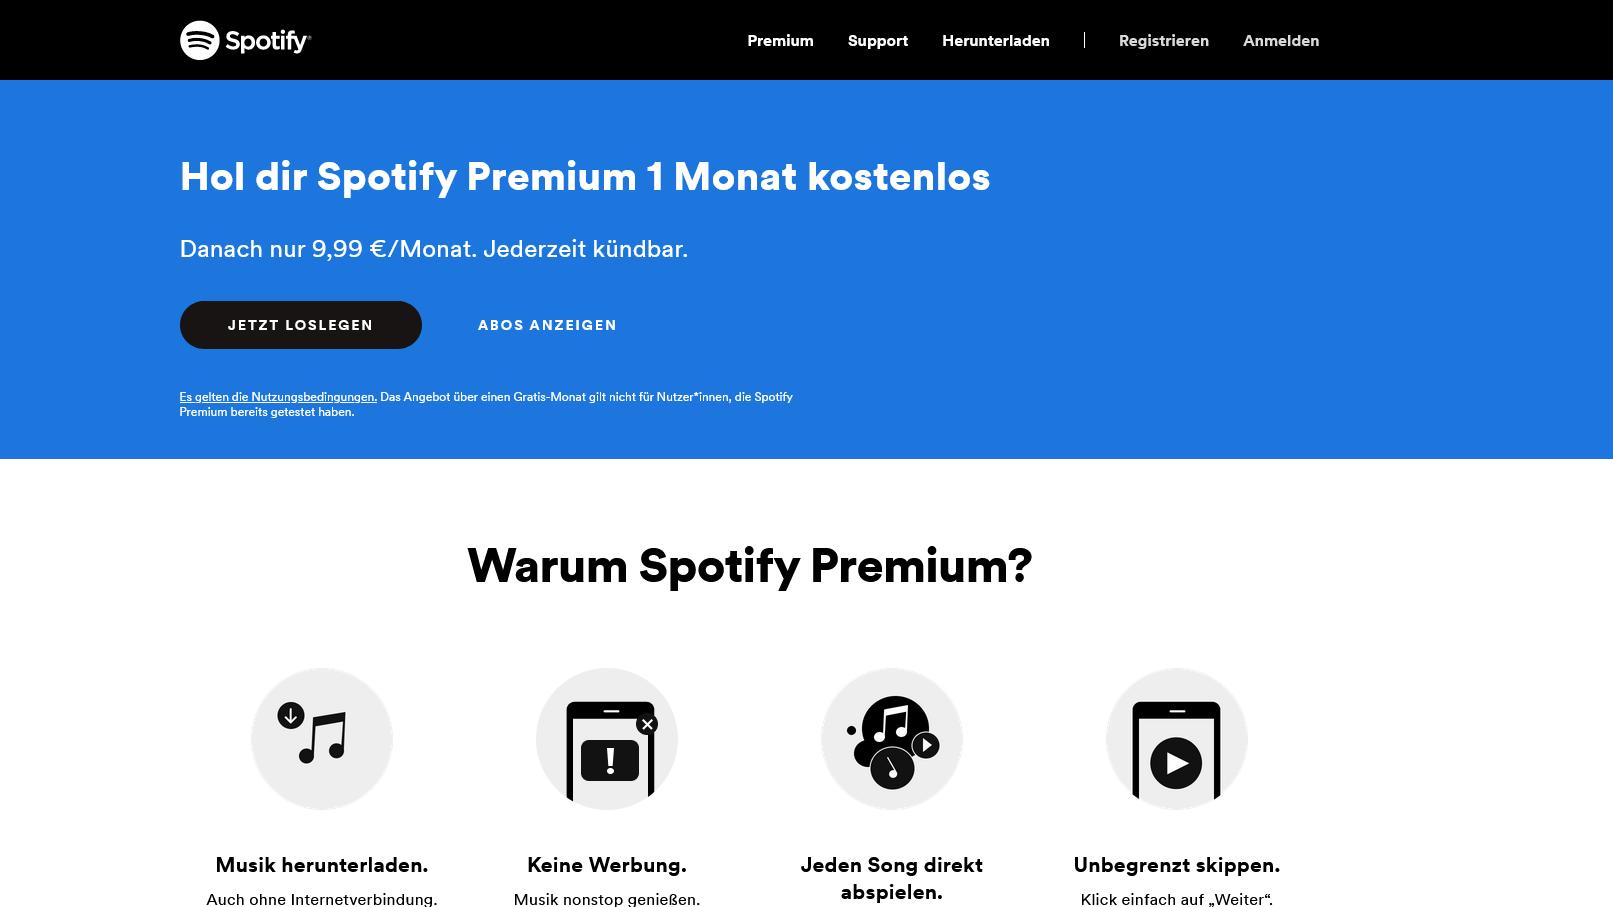 Die Kosten für Spotify Premium variieren je nach Abo-Modell